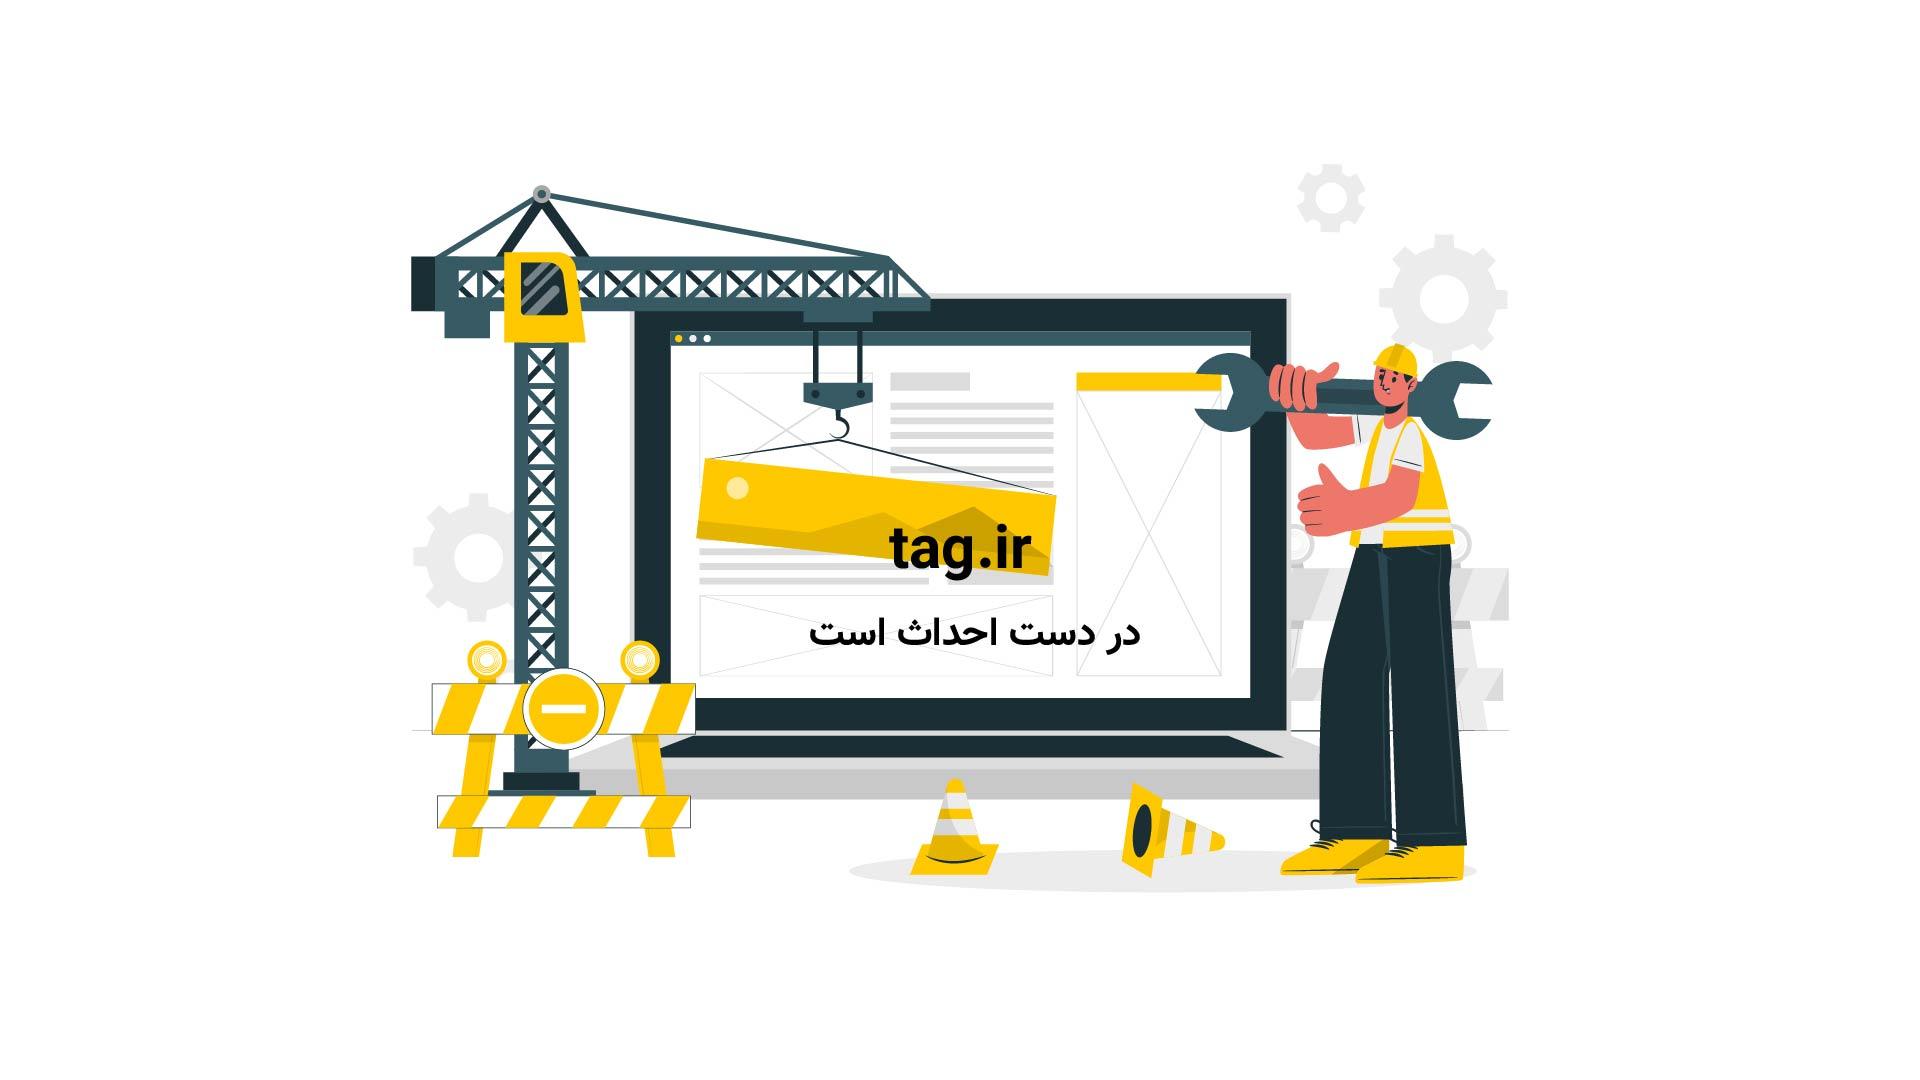 رحلت-امام-خمینی | تگ